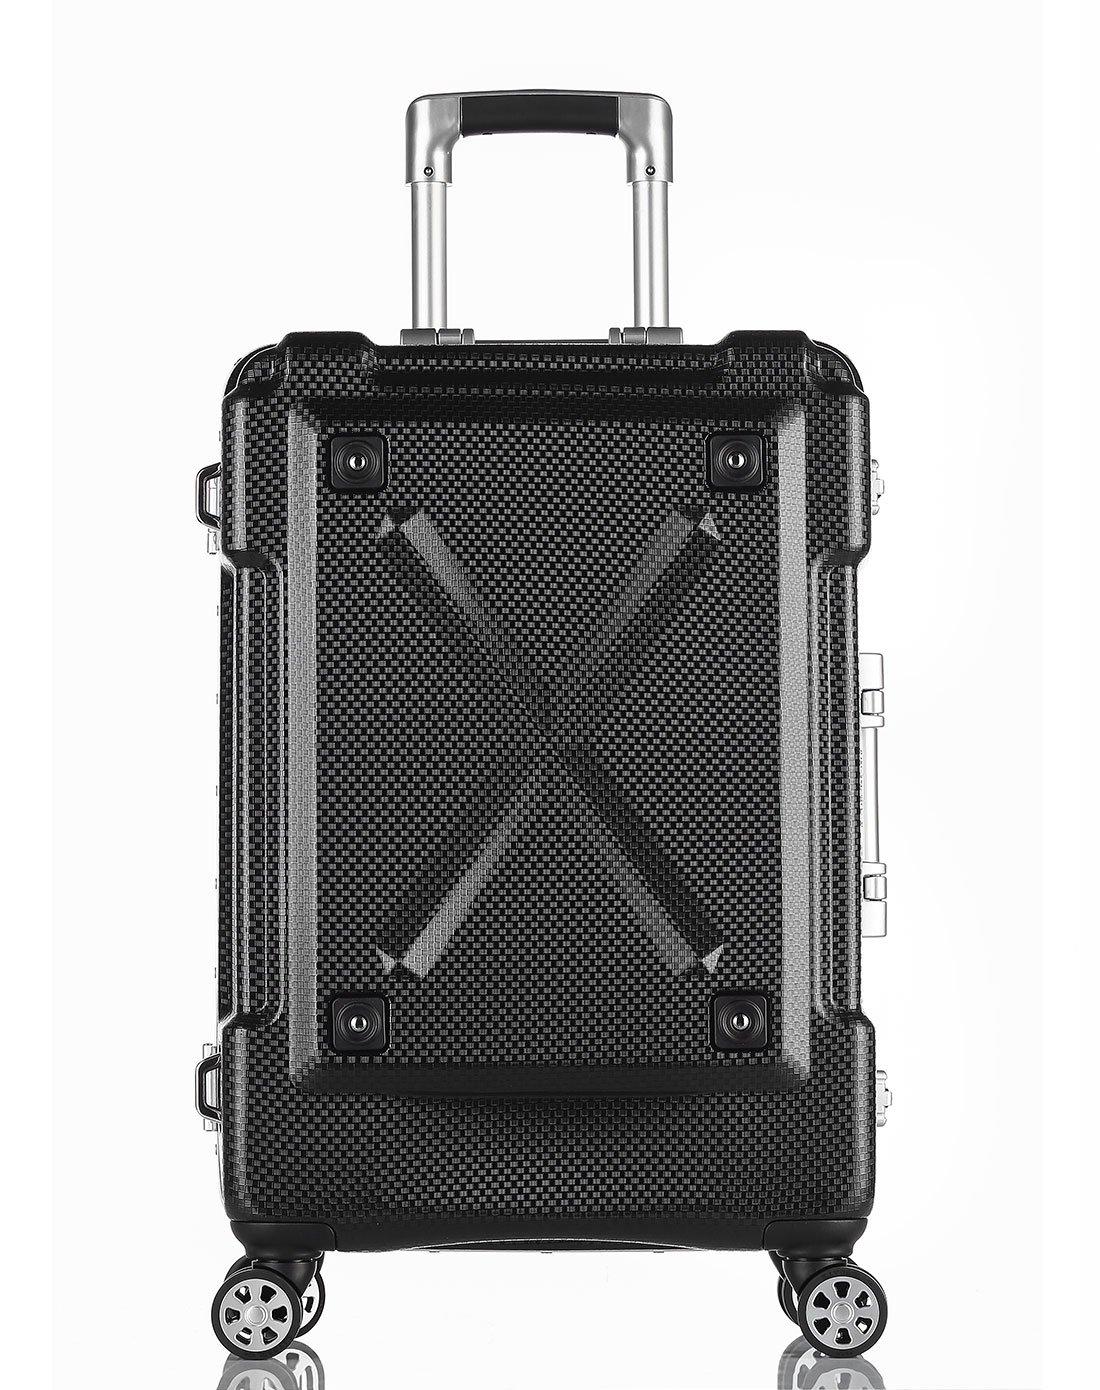 [レジェンドウォーカー] [レジェンドウォーカー] スーツケース 86L 69cm 6.1kg保証付 86L 69cm 6.1kg 6302-69 B00XSFA5M2 ブラック ブラック